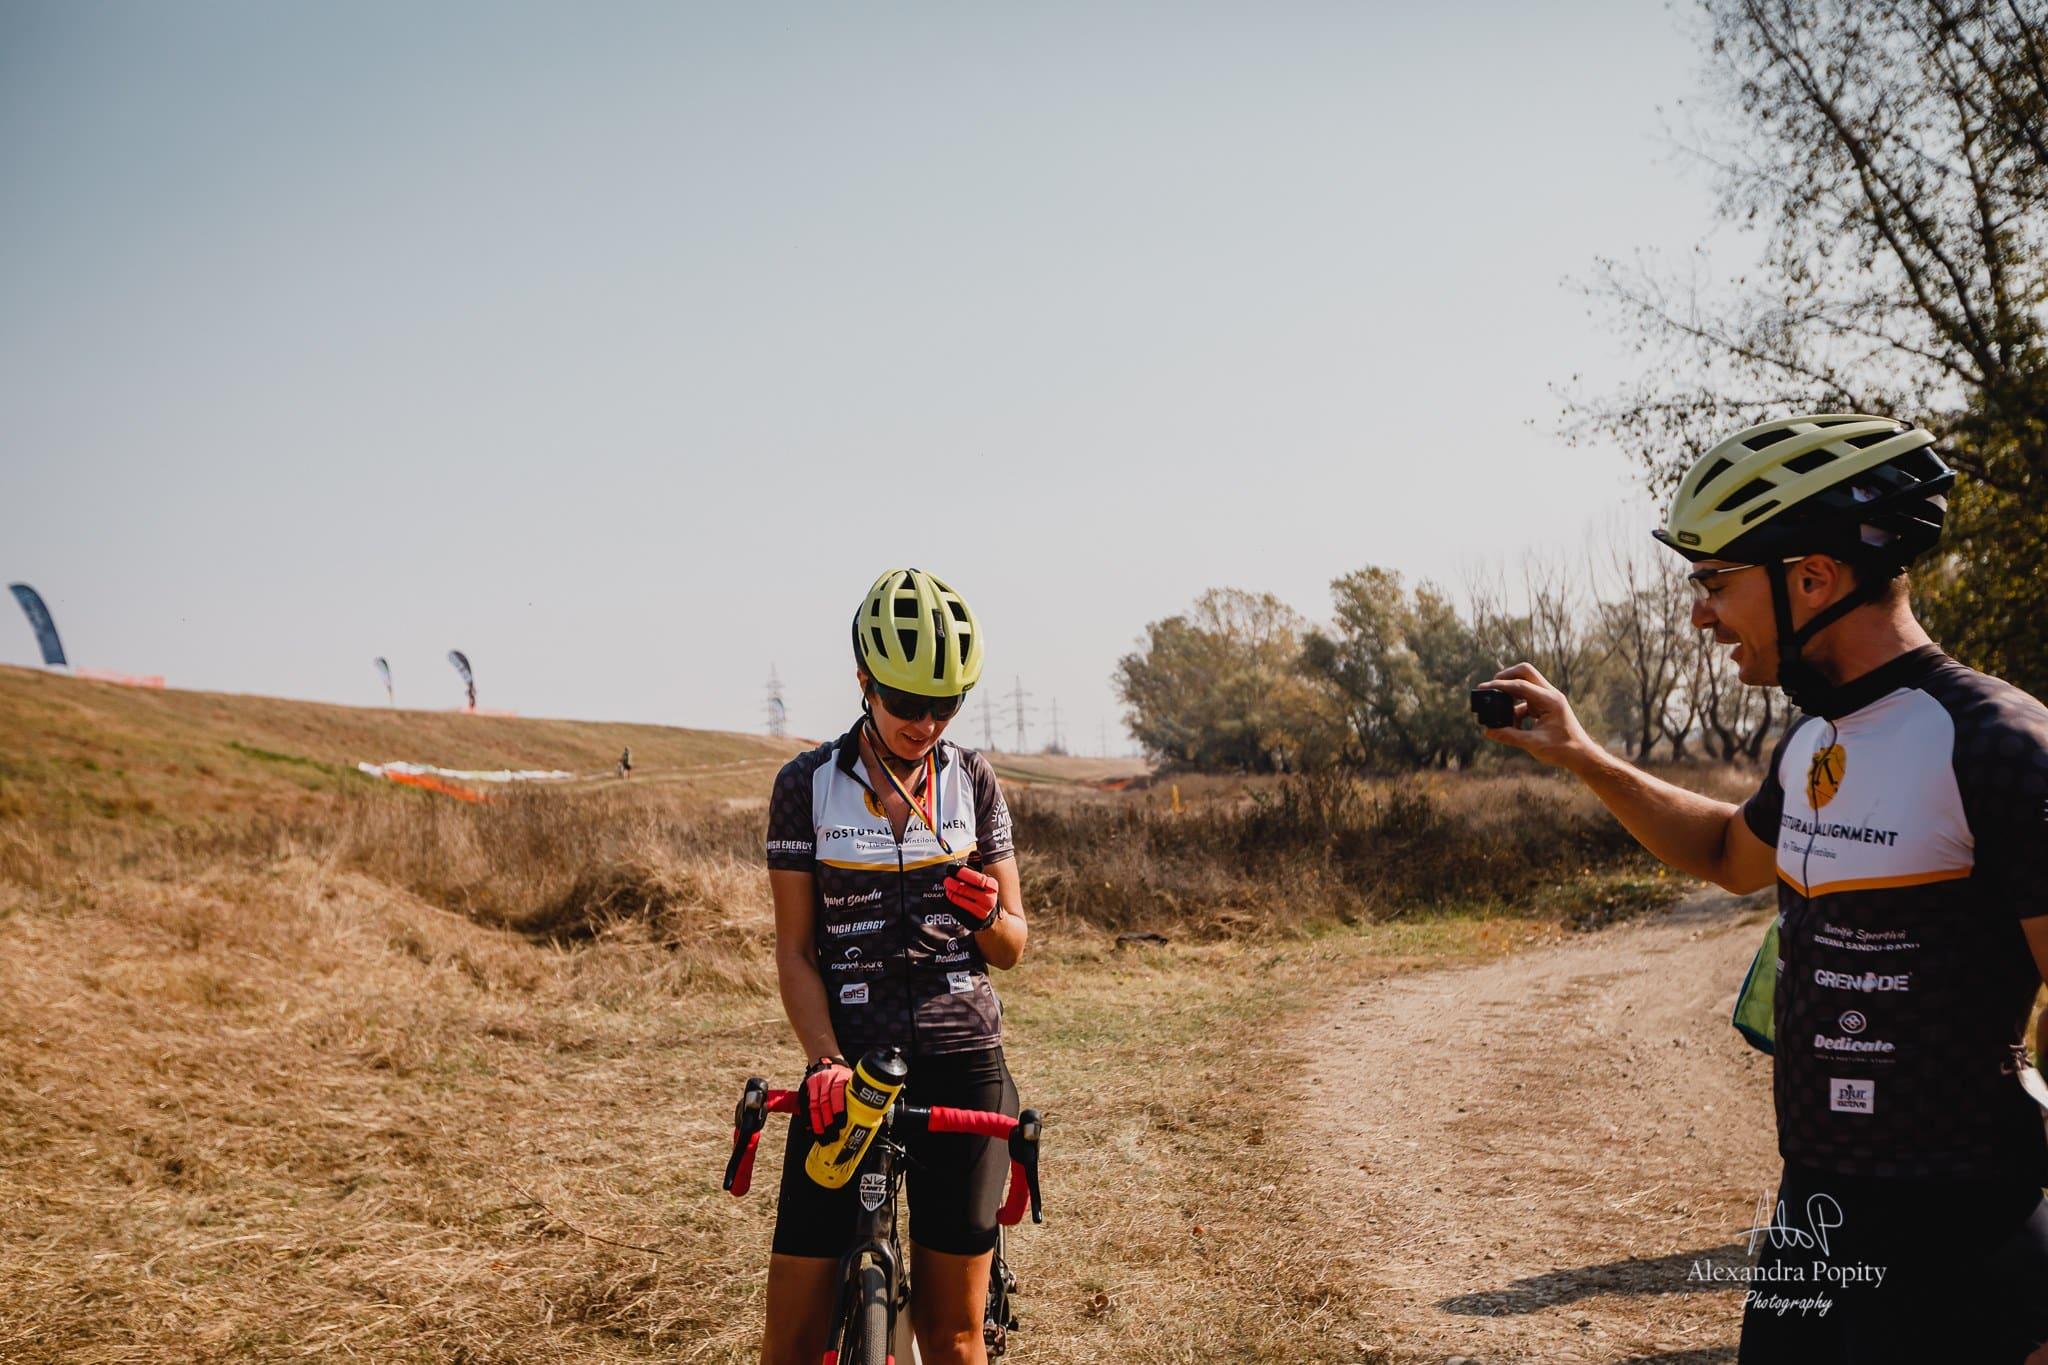 #noi2team la Arad CX Cup 2019, etapa 1 din Cupa Nationala de Ciclocros